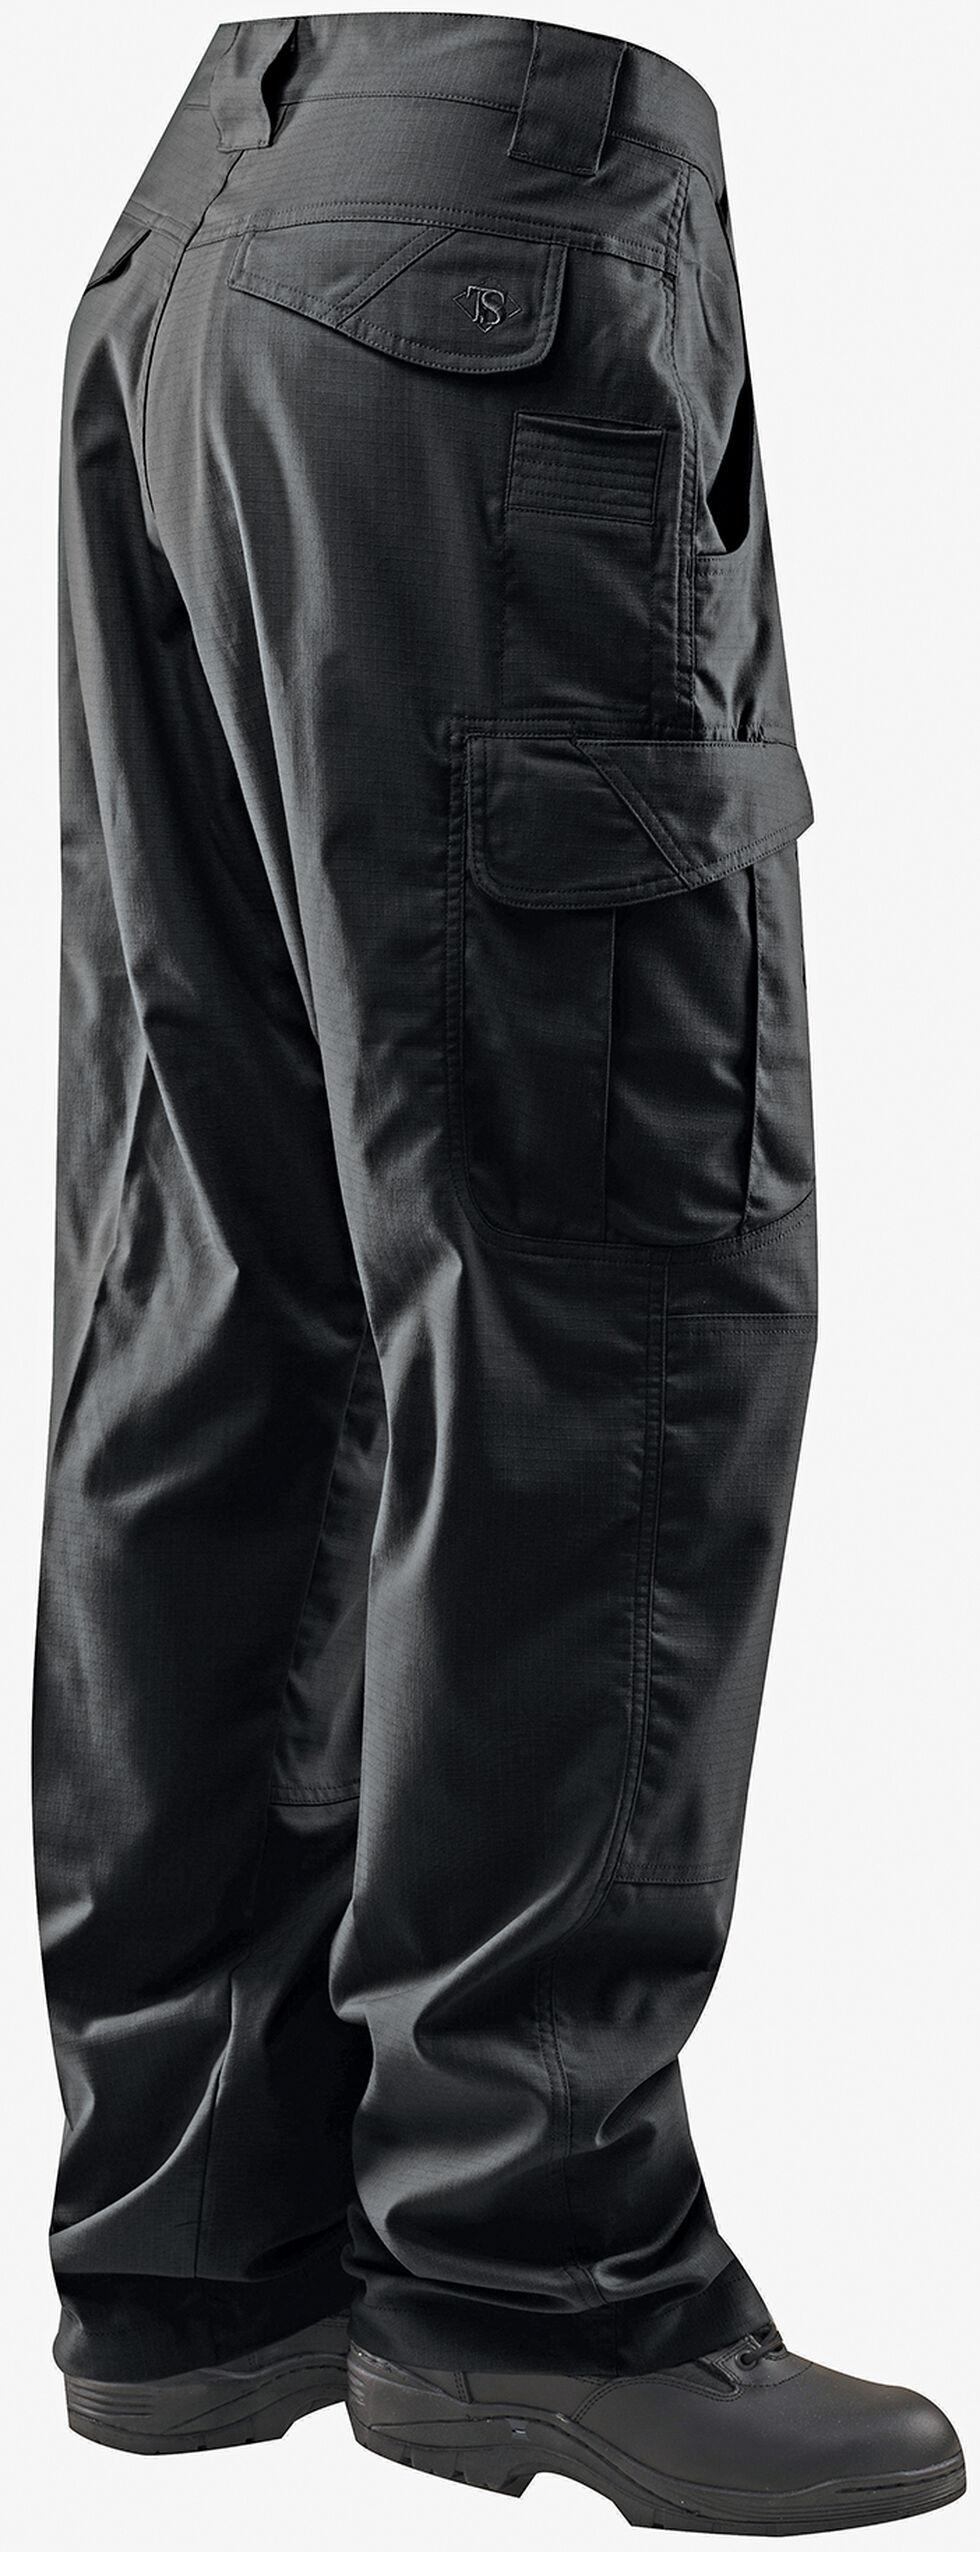 Tru-Spec Men's 24-7 Series Ascent Pants, Black, hi-res